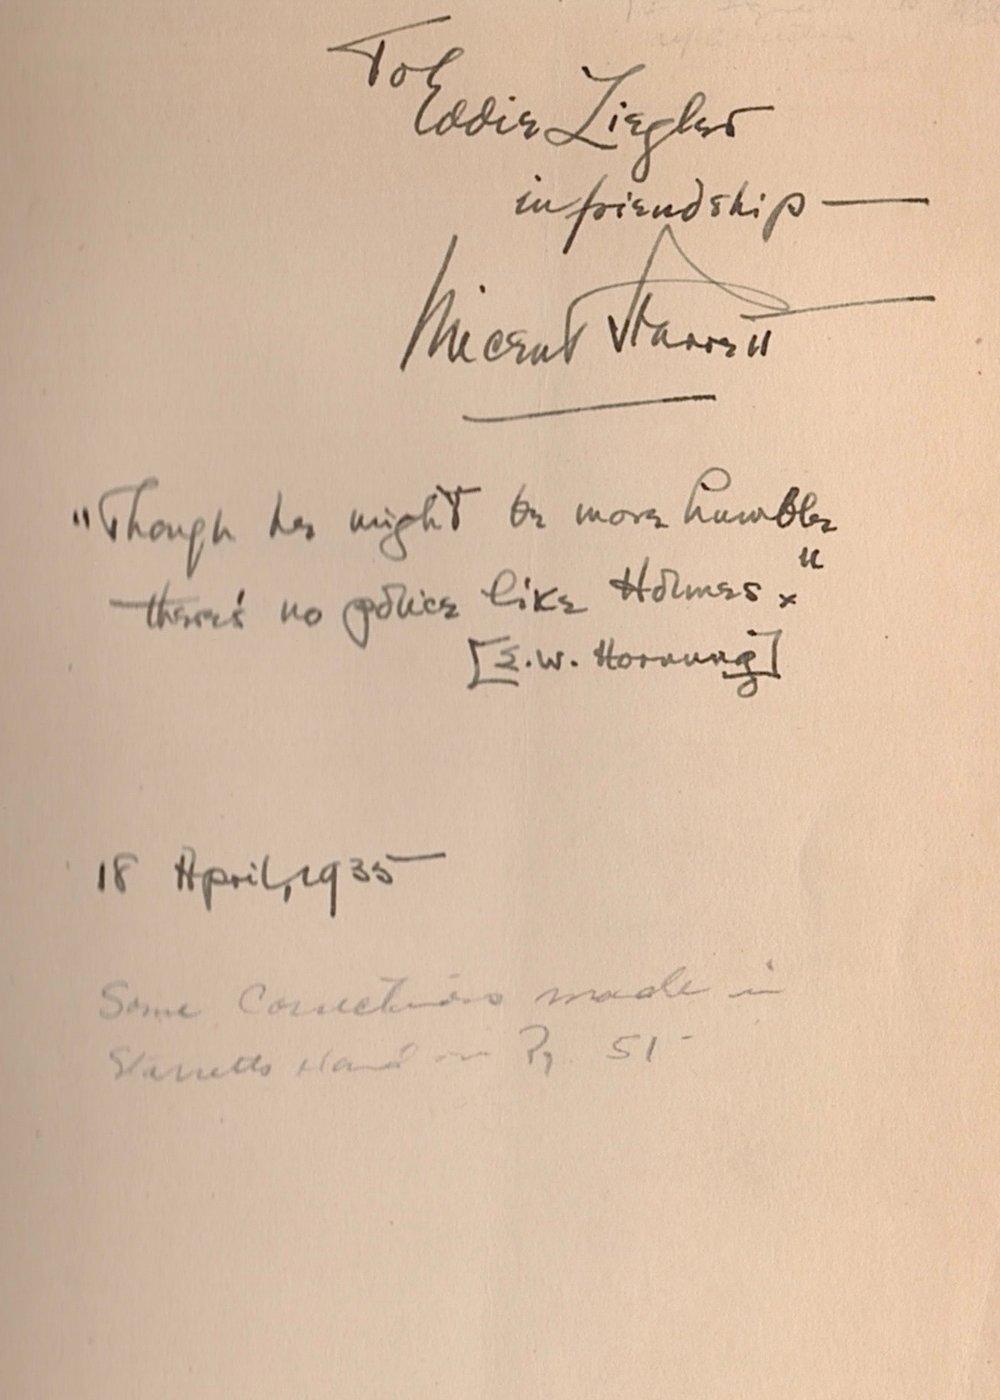 TPLOSH 1933 Liegler inscription.jpg